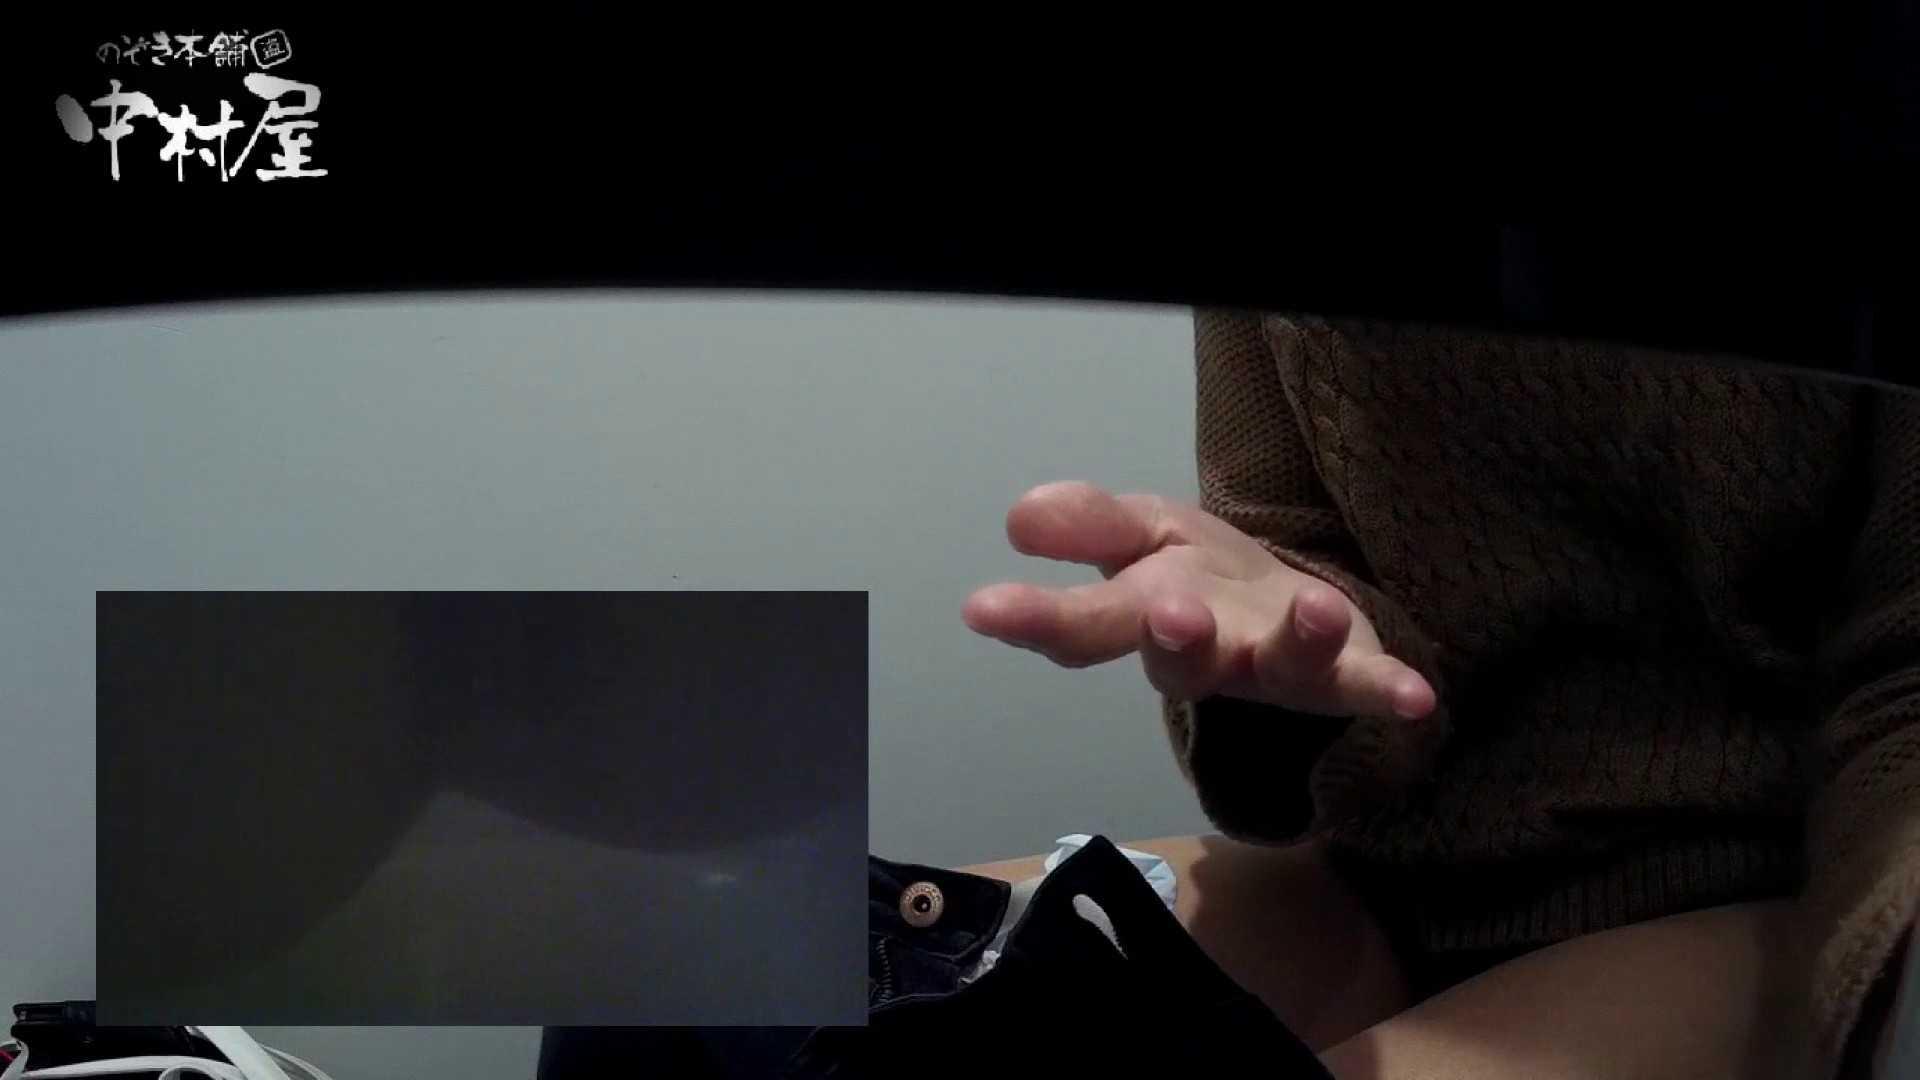 有名大学女性洗面所 vol.54 設置撮影最高峰!! 3視点でじっくり観察 美しいOLの裸体 覗きおまんこ画像 94pic 37